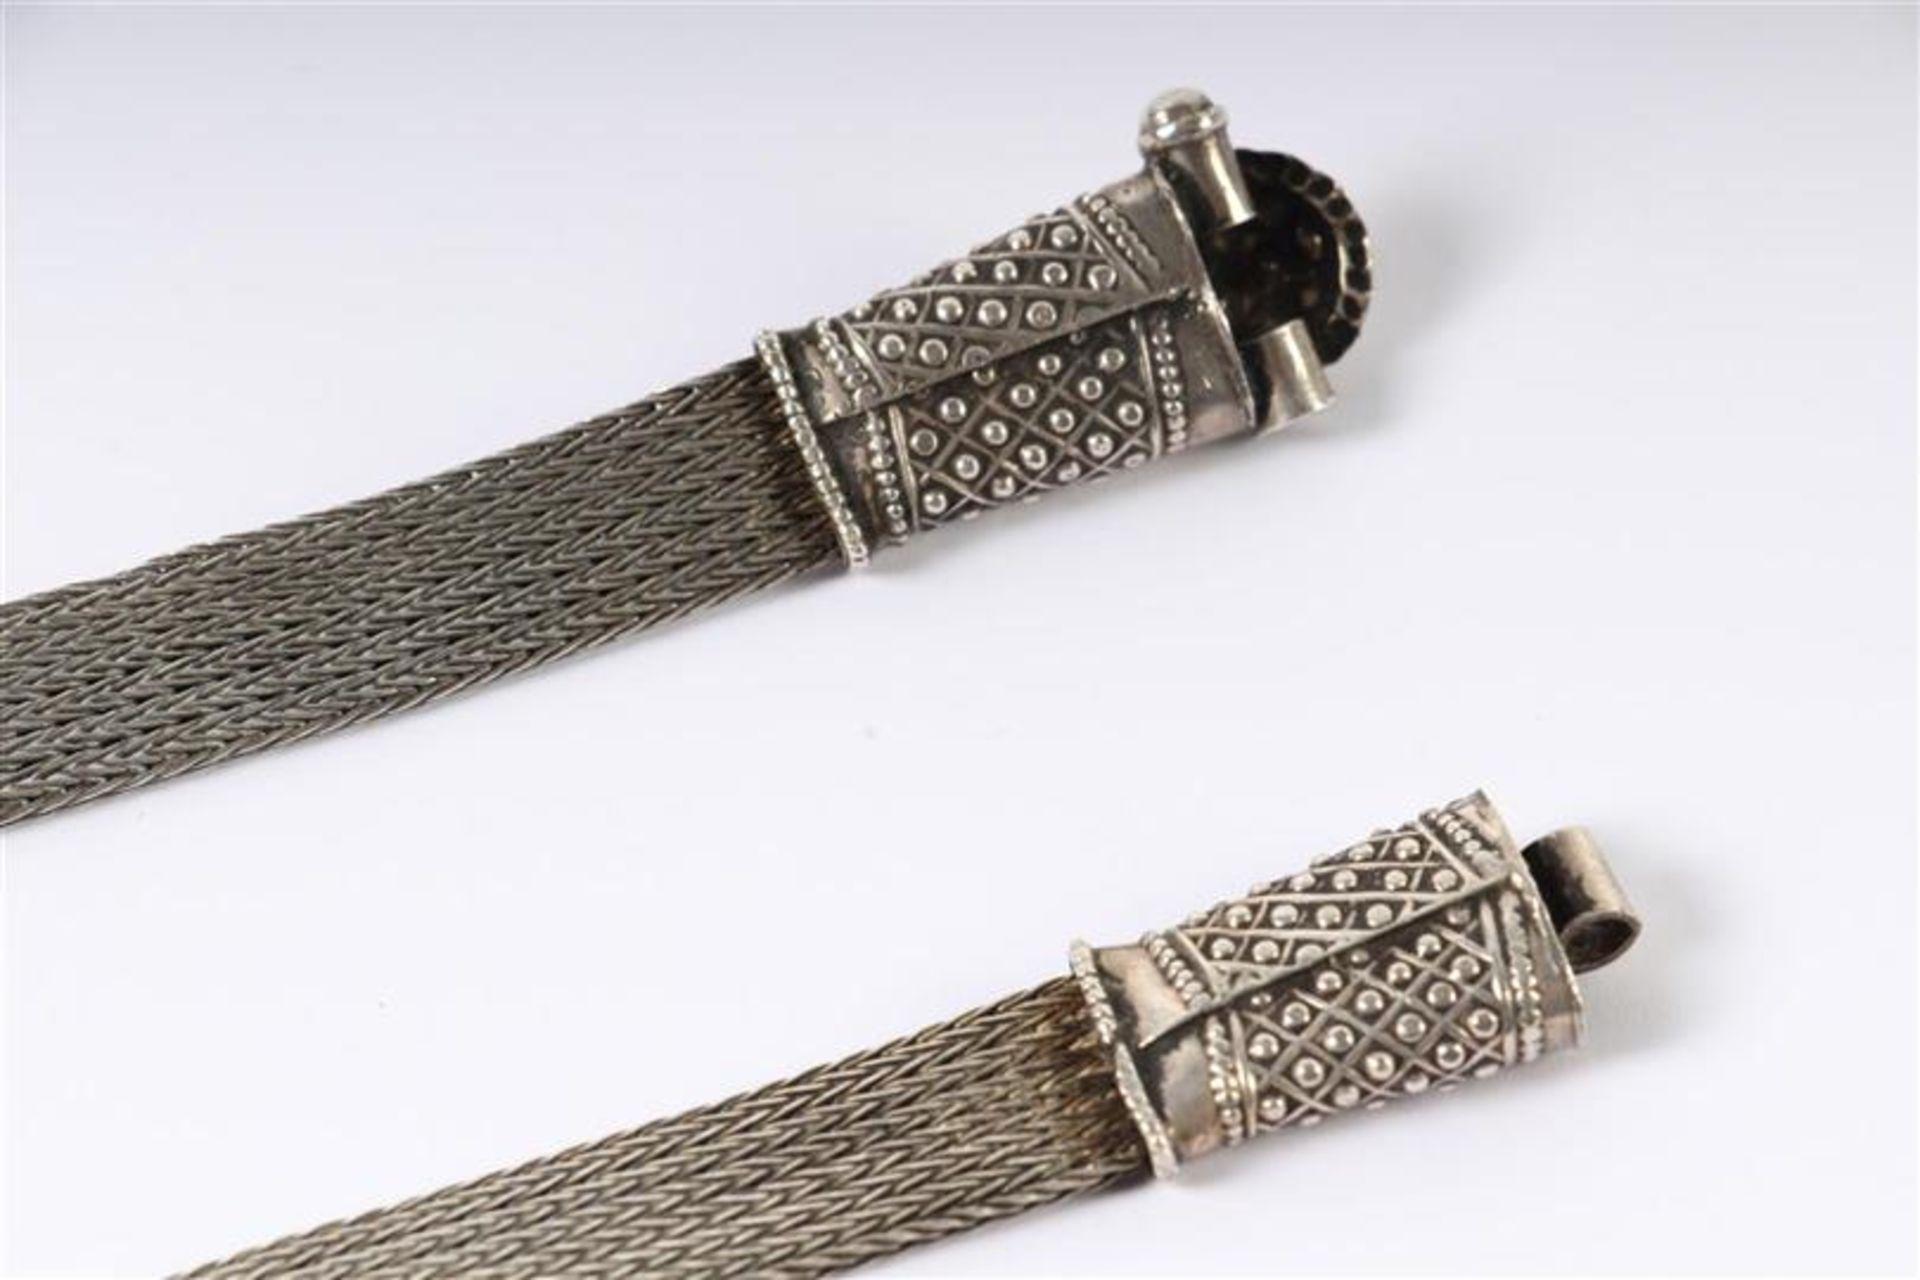 Los 20 - Zilveren Judaica ceintuur. L: 75 cm. Gewicht: 91 g.